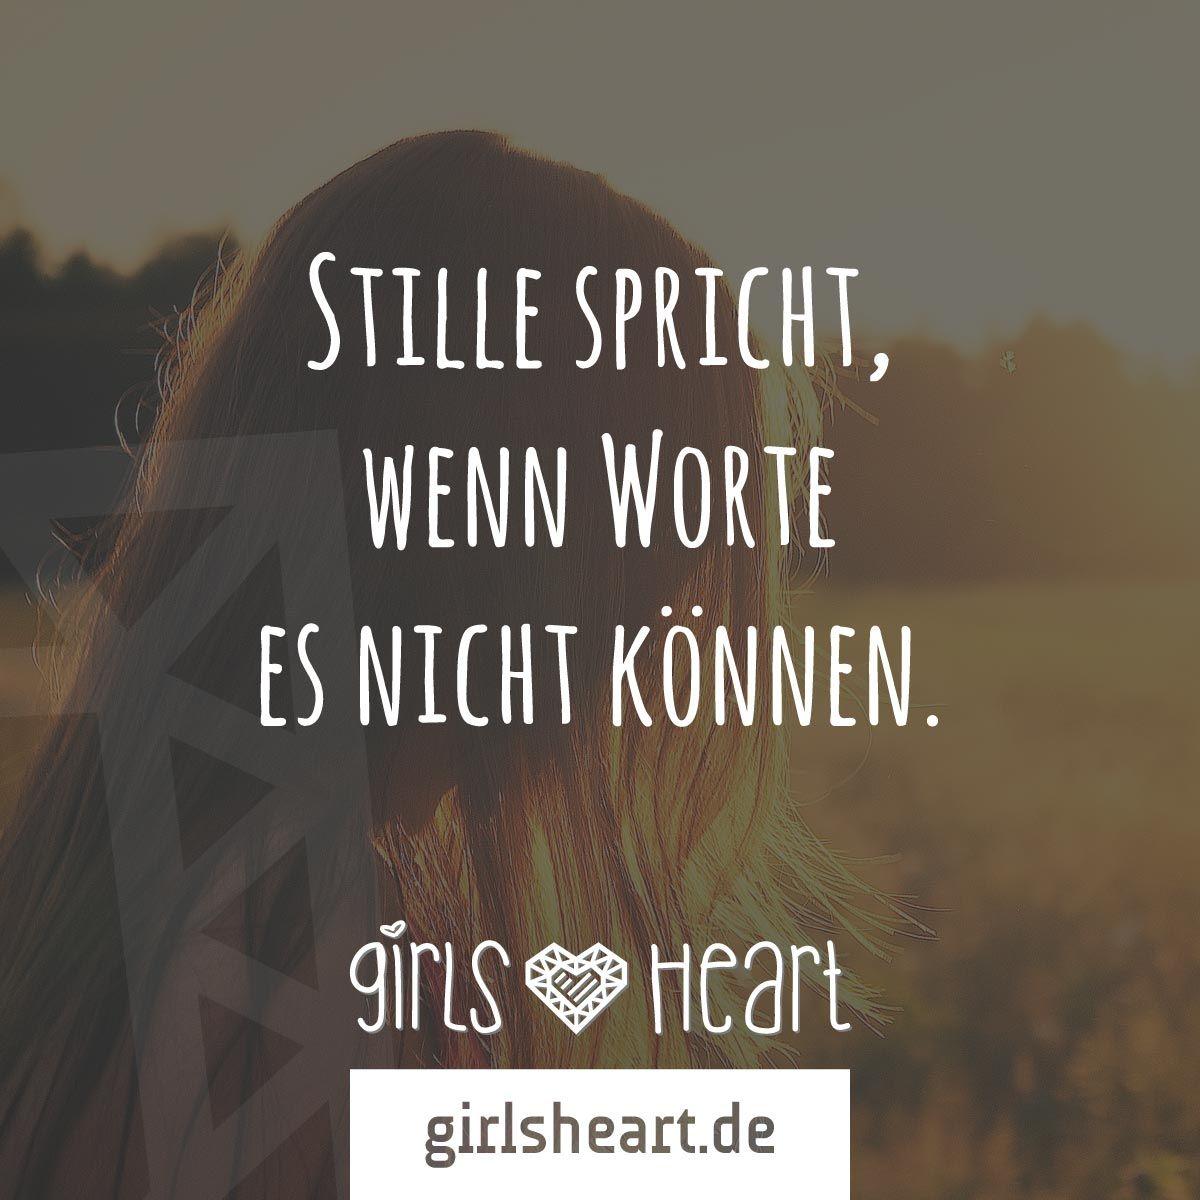 Schön Mehr Sprüche Auf: Www.girlsheart.de #enttäuschung #ärger #streit #